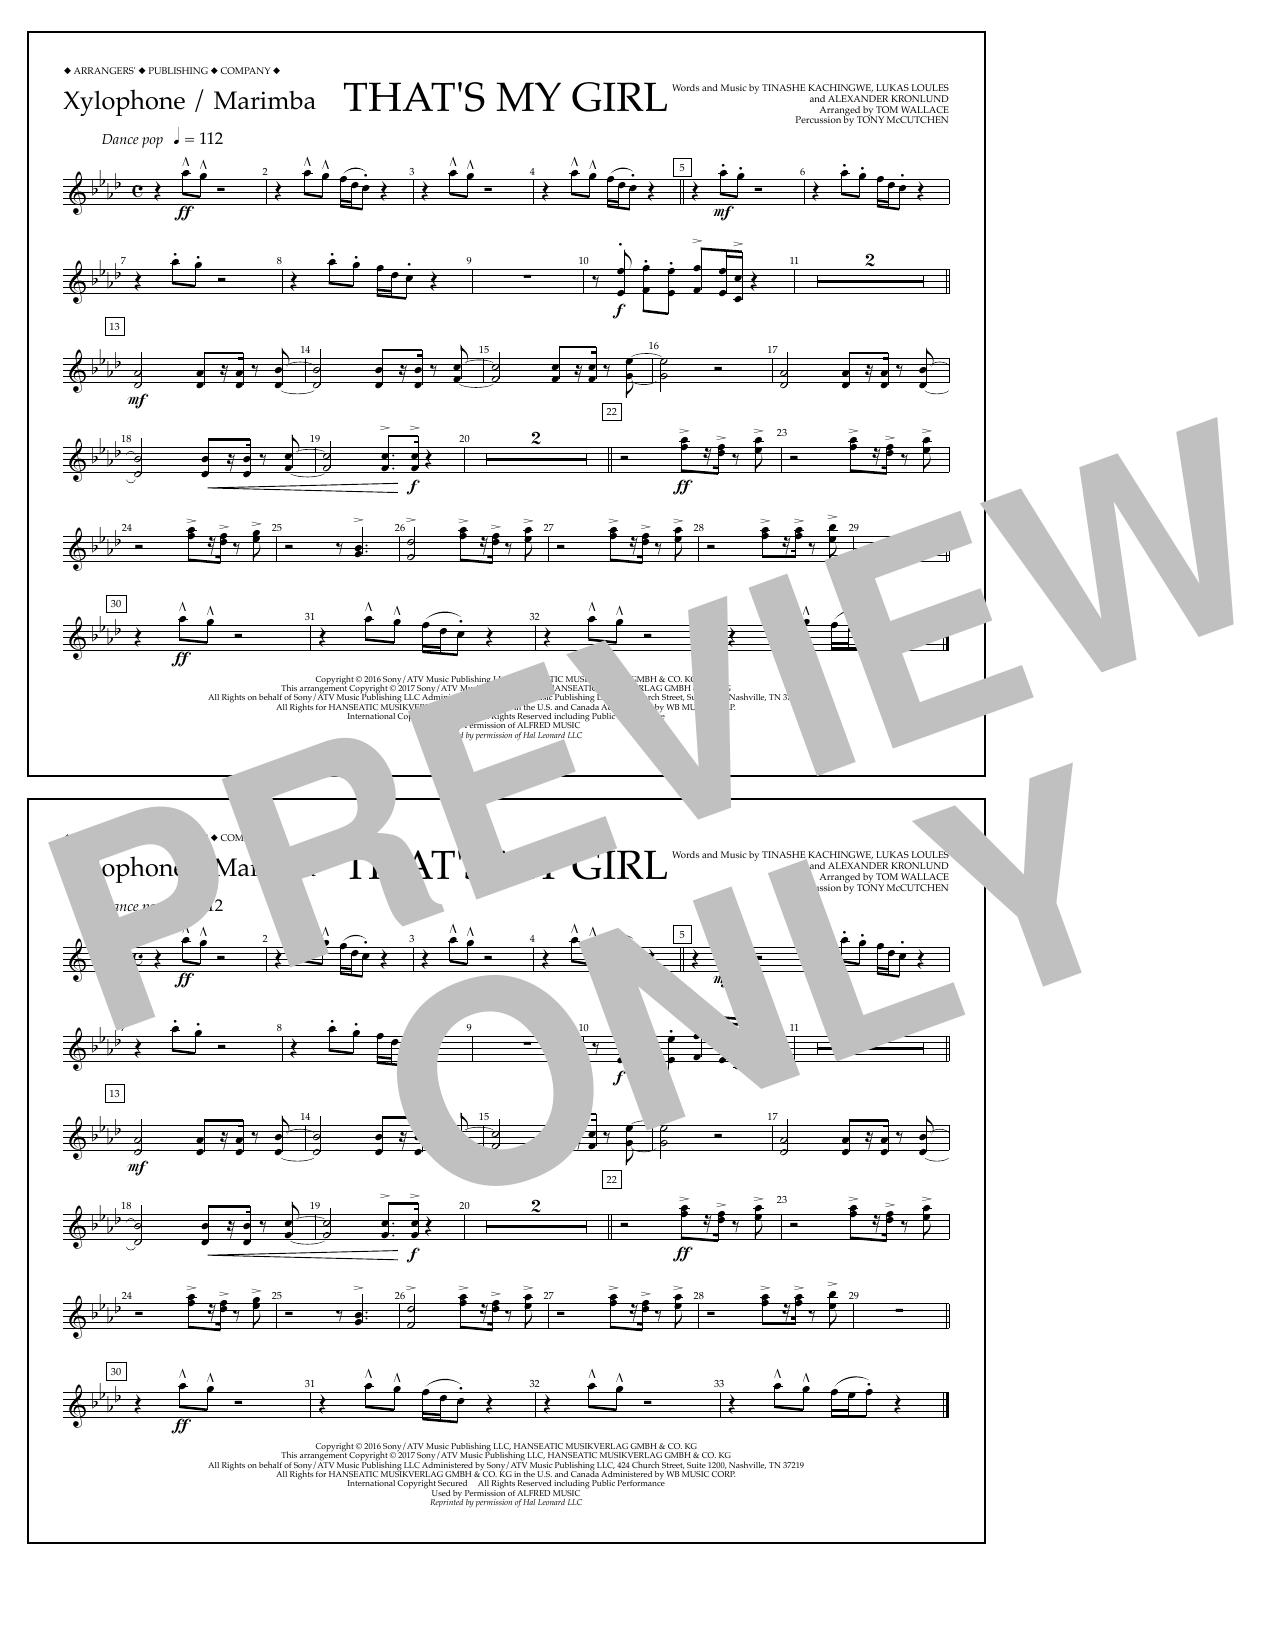 That's My Girl - Xylophone/Marimba Sheet Music